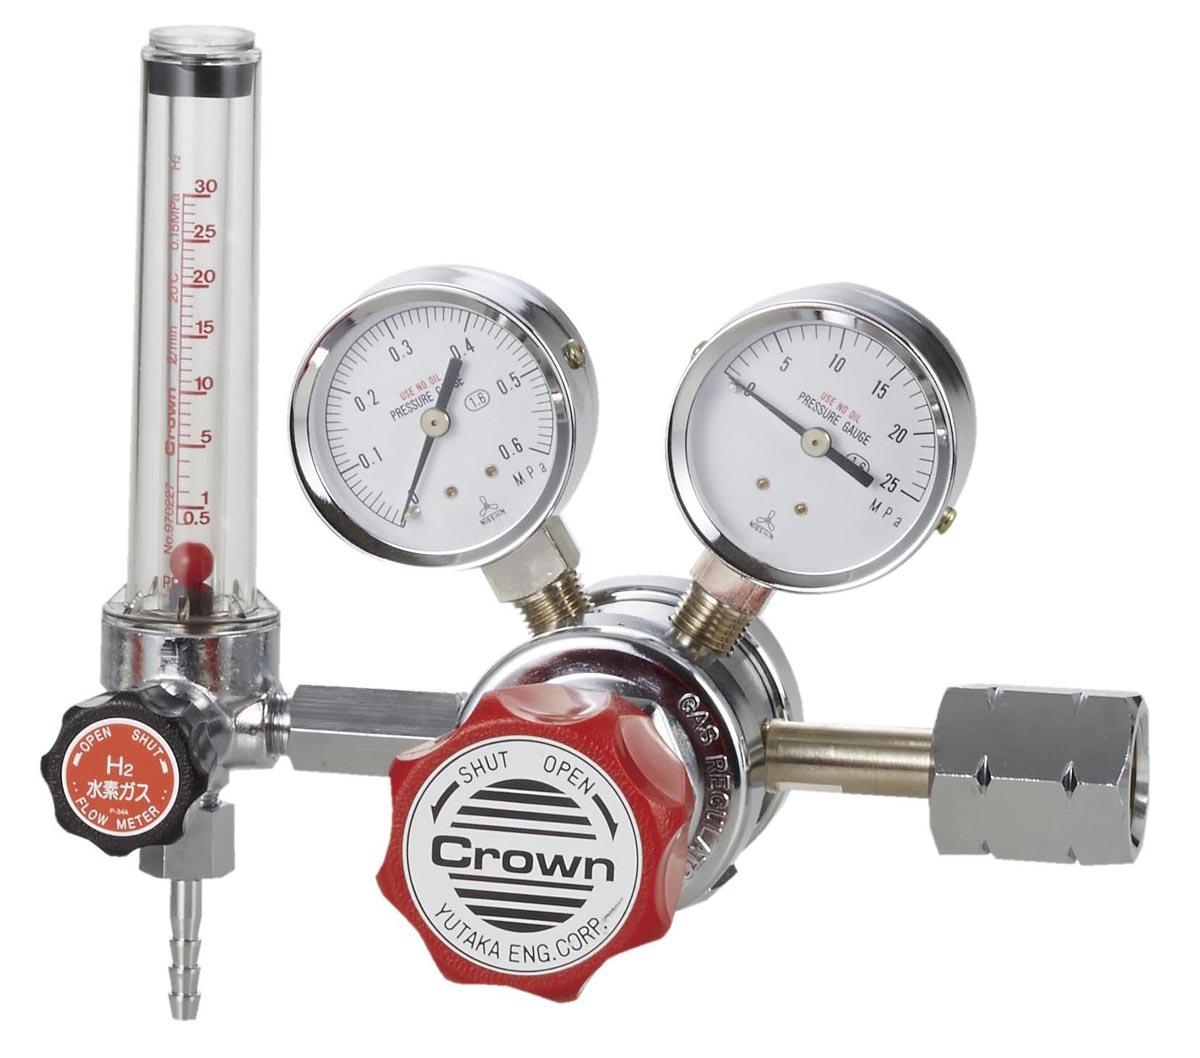 ケニス 精密圧力調整器(レギュレーター) 5AB6-2LF-F